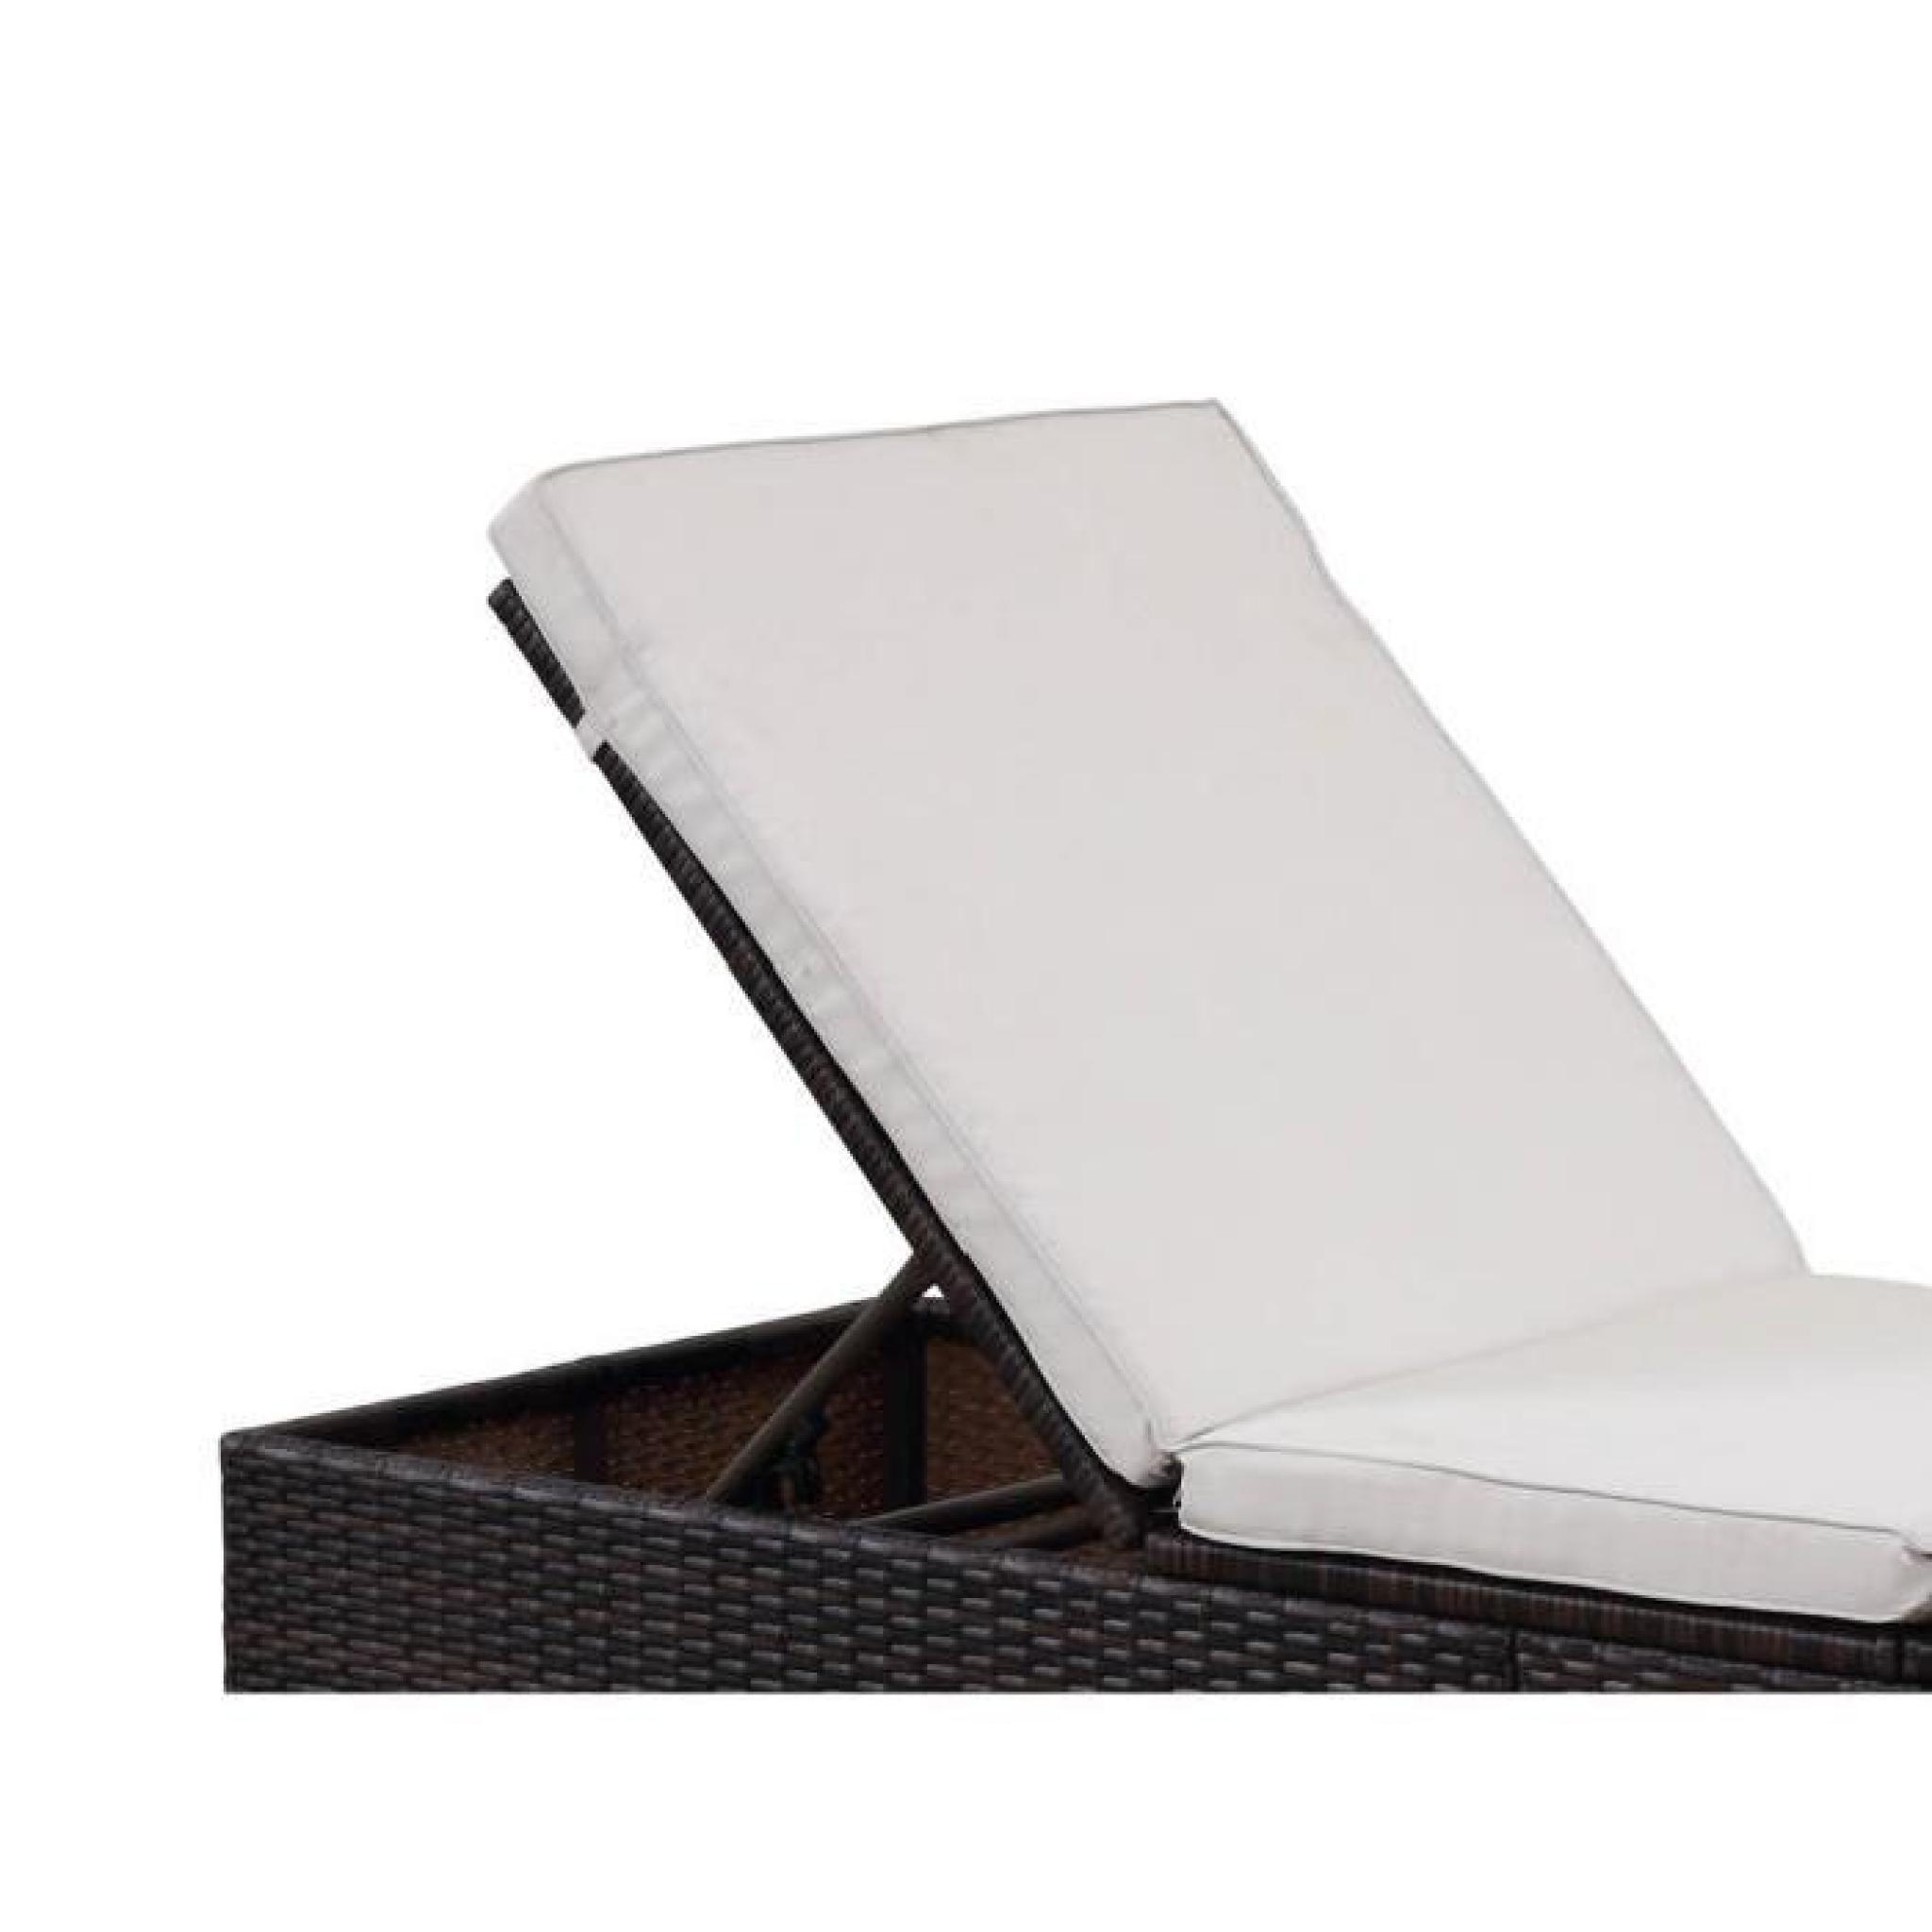 l gant bain de soleil resine pas cher id es de bain de. Black Bedroom Furniture Sets. Home Design Ideas